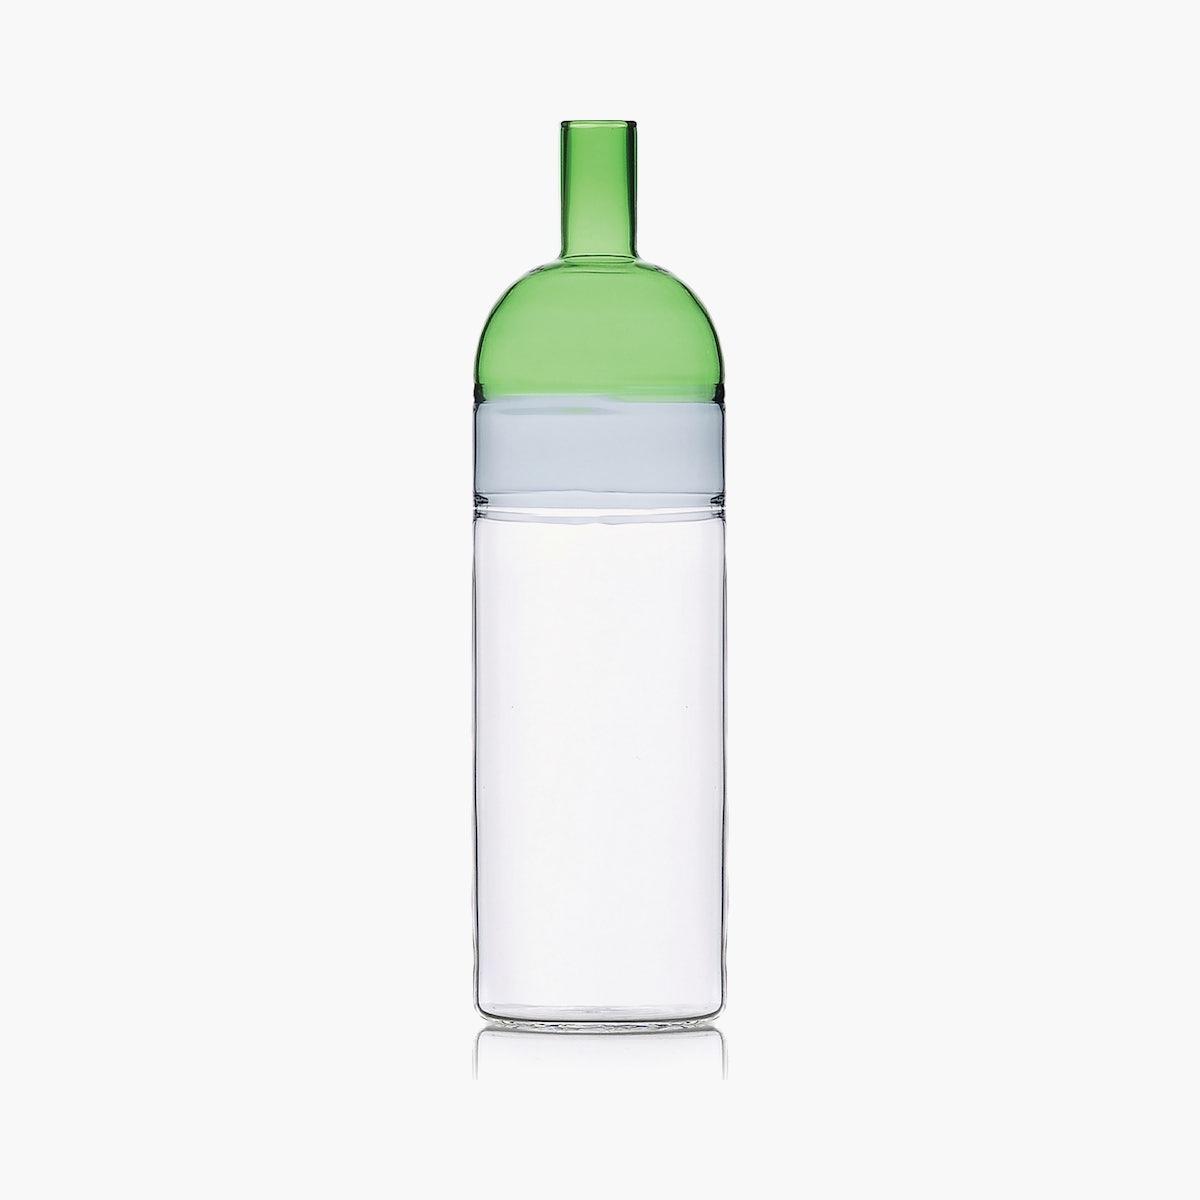 Tequila Sunrise Bottle, Smoke / Green